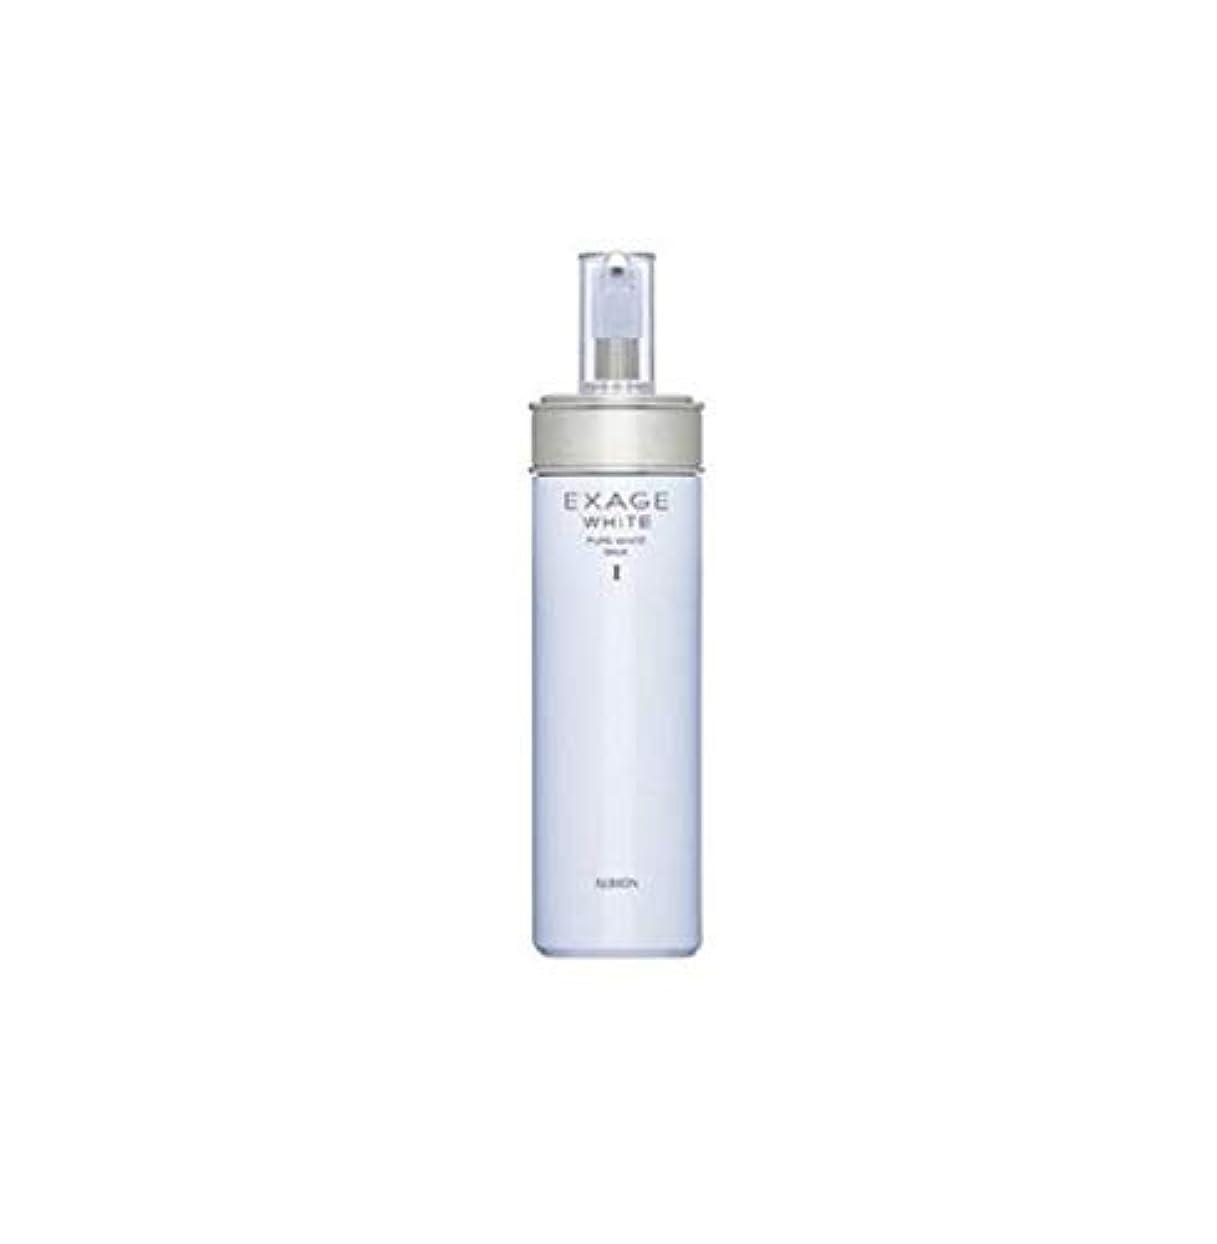 スリットフォーマットALBION(アルビオン) エクサージュホワイト ピュアホワイト ミルク I 200g [ 乳液 ]